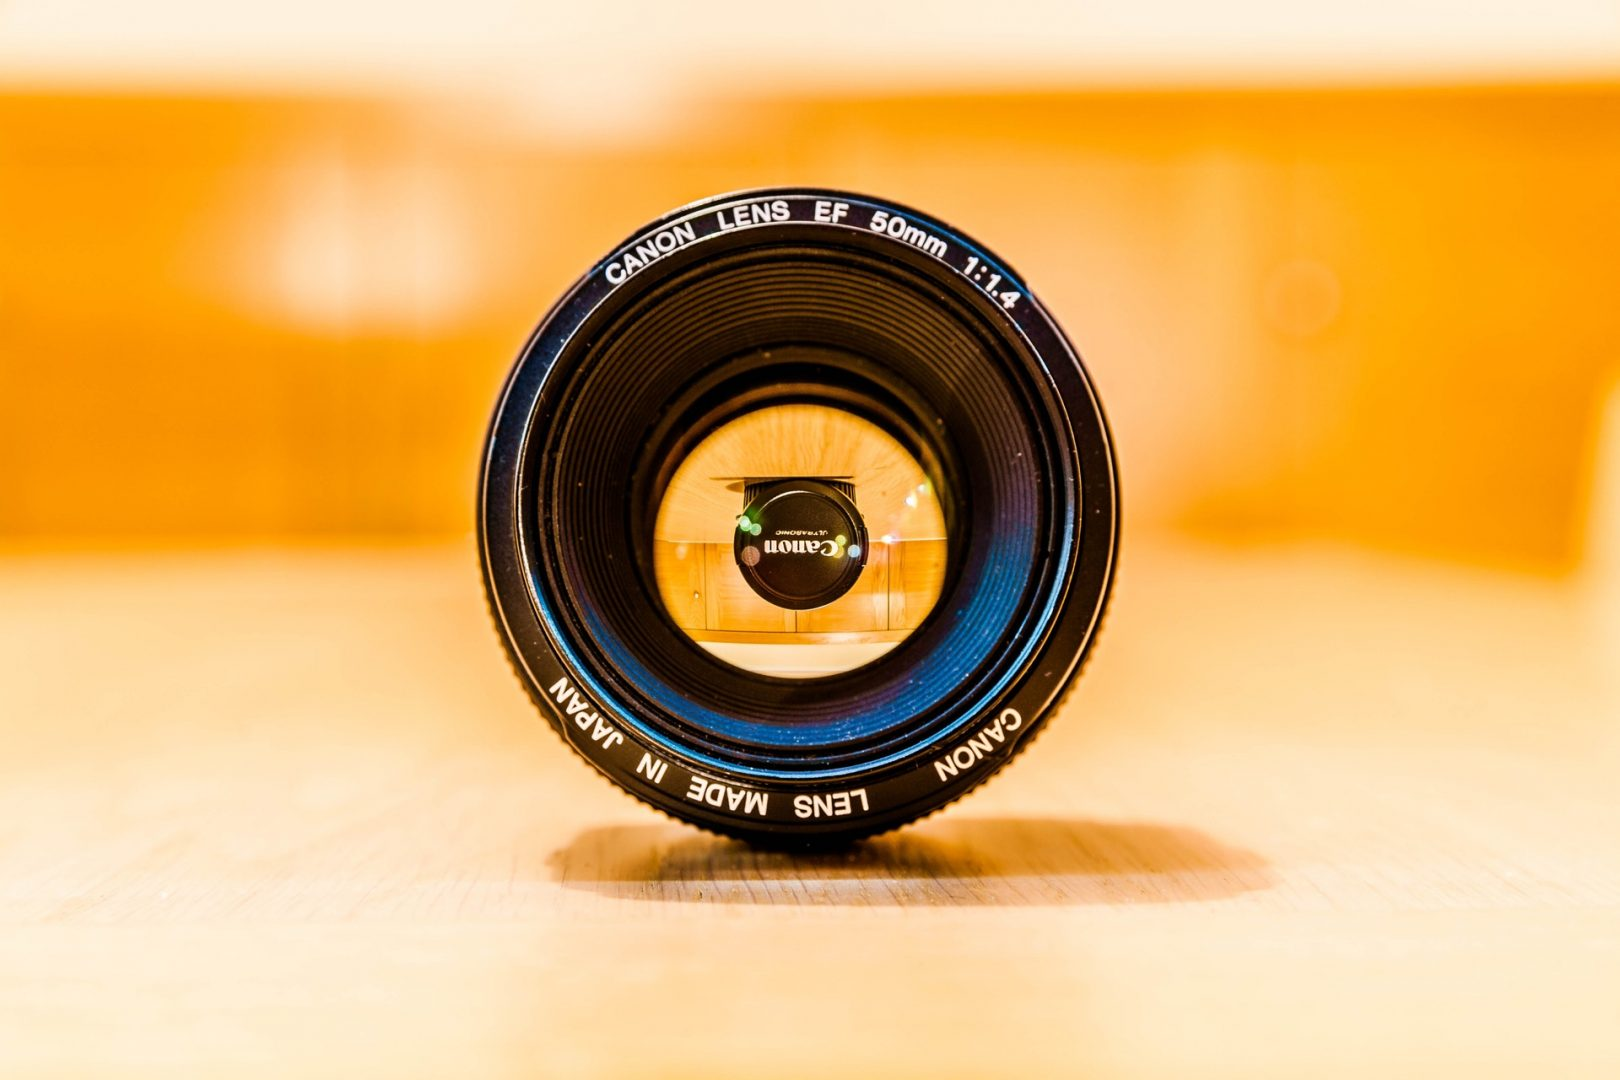 安い...。キャノン・ニコンの単焦点レンズ市場に中国メーカー『YONGNUO』が革命起こしてる